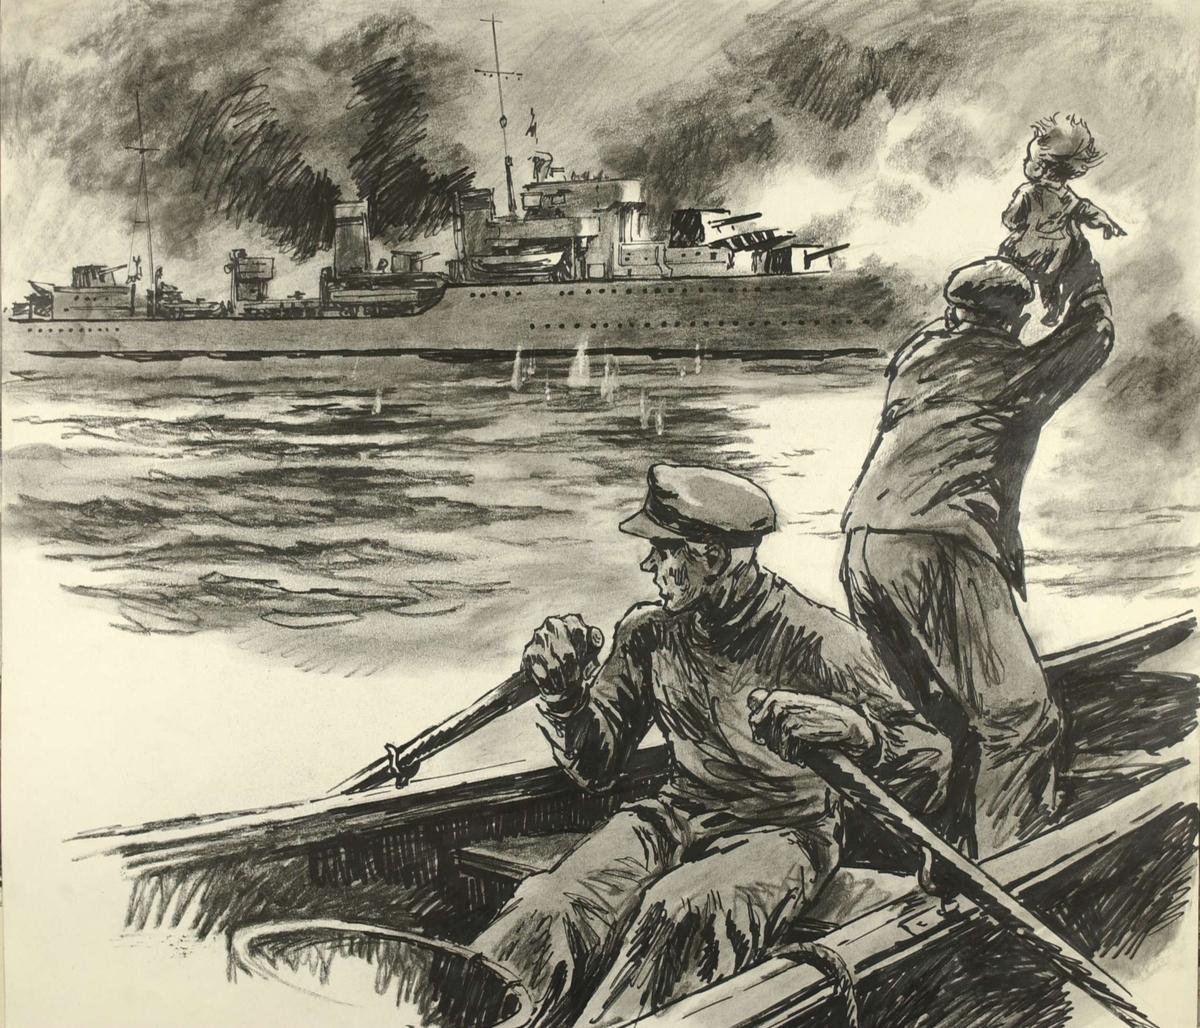 Sivile fra Bjerkvik prøver å stoppe bombardementet etter at tyskerne har trukket seg tilbake. Kampene i Norge 1940, bind 2, side 239.